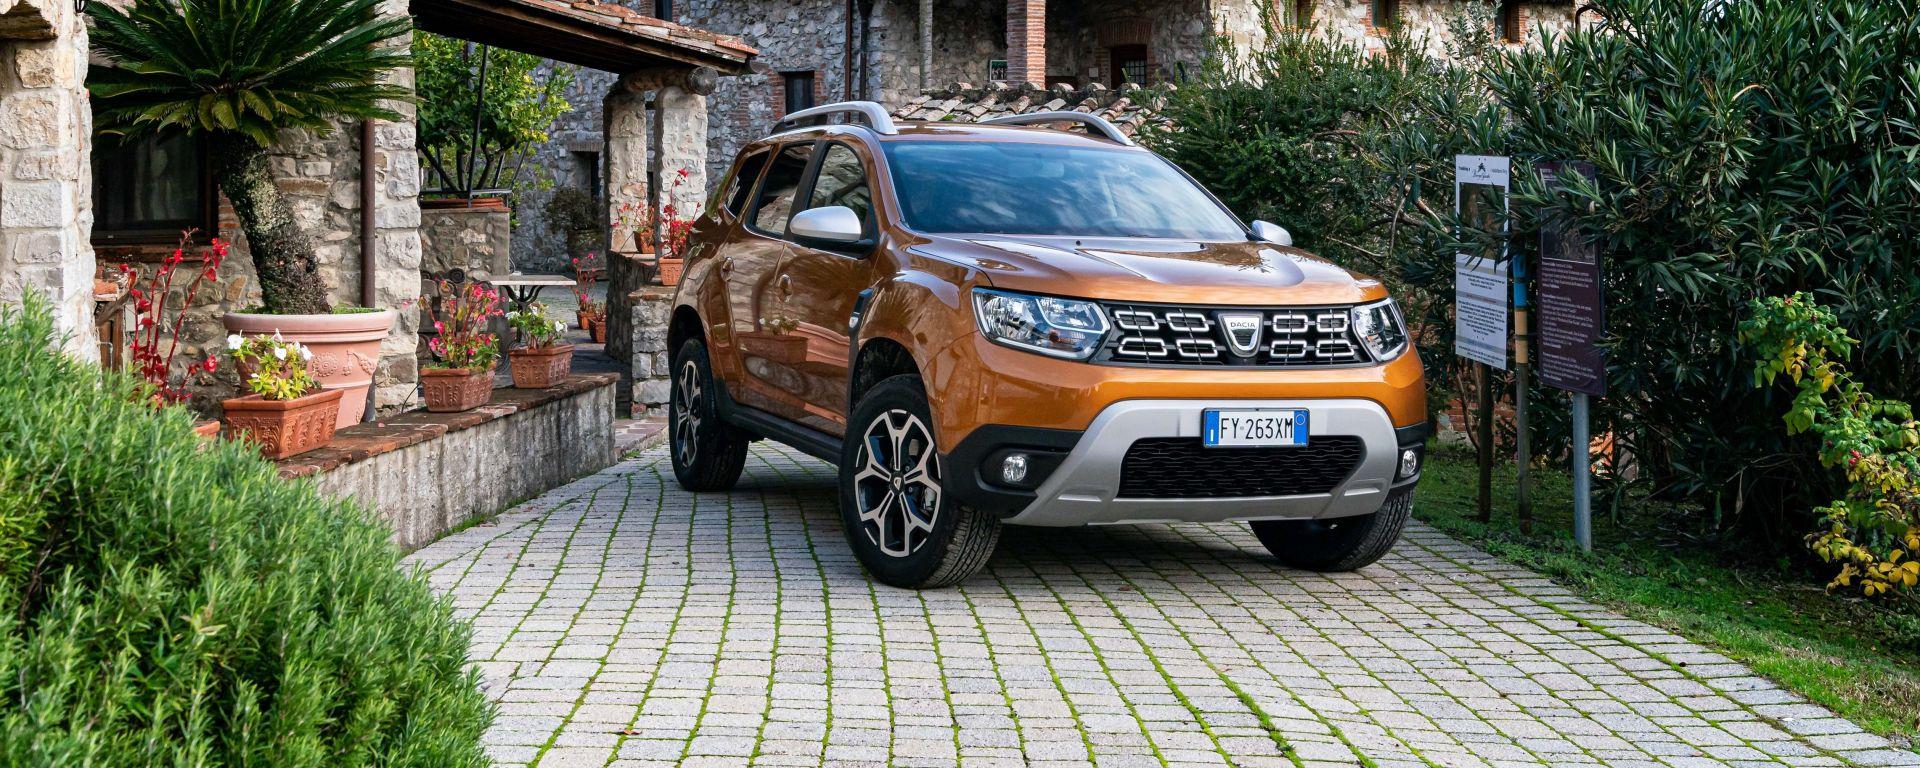 Dacia Duster 1.0 TCe: che caratterino il 3 cilindri! Ecco consumi e impressioni di guida